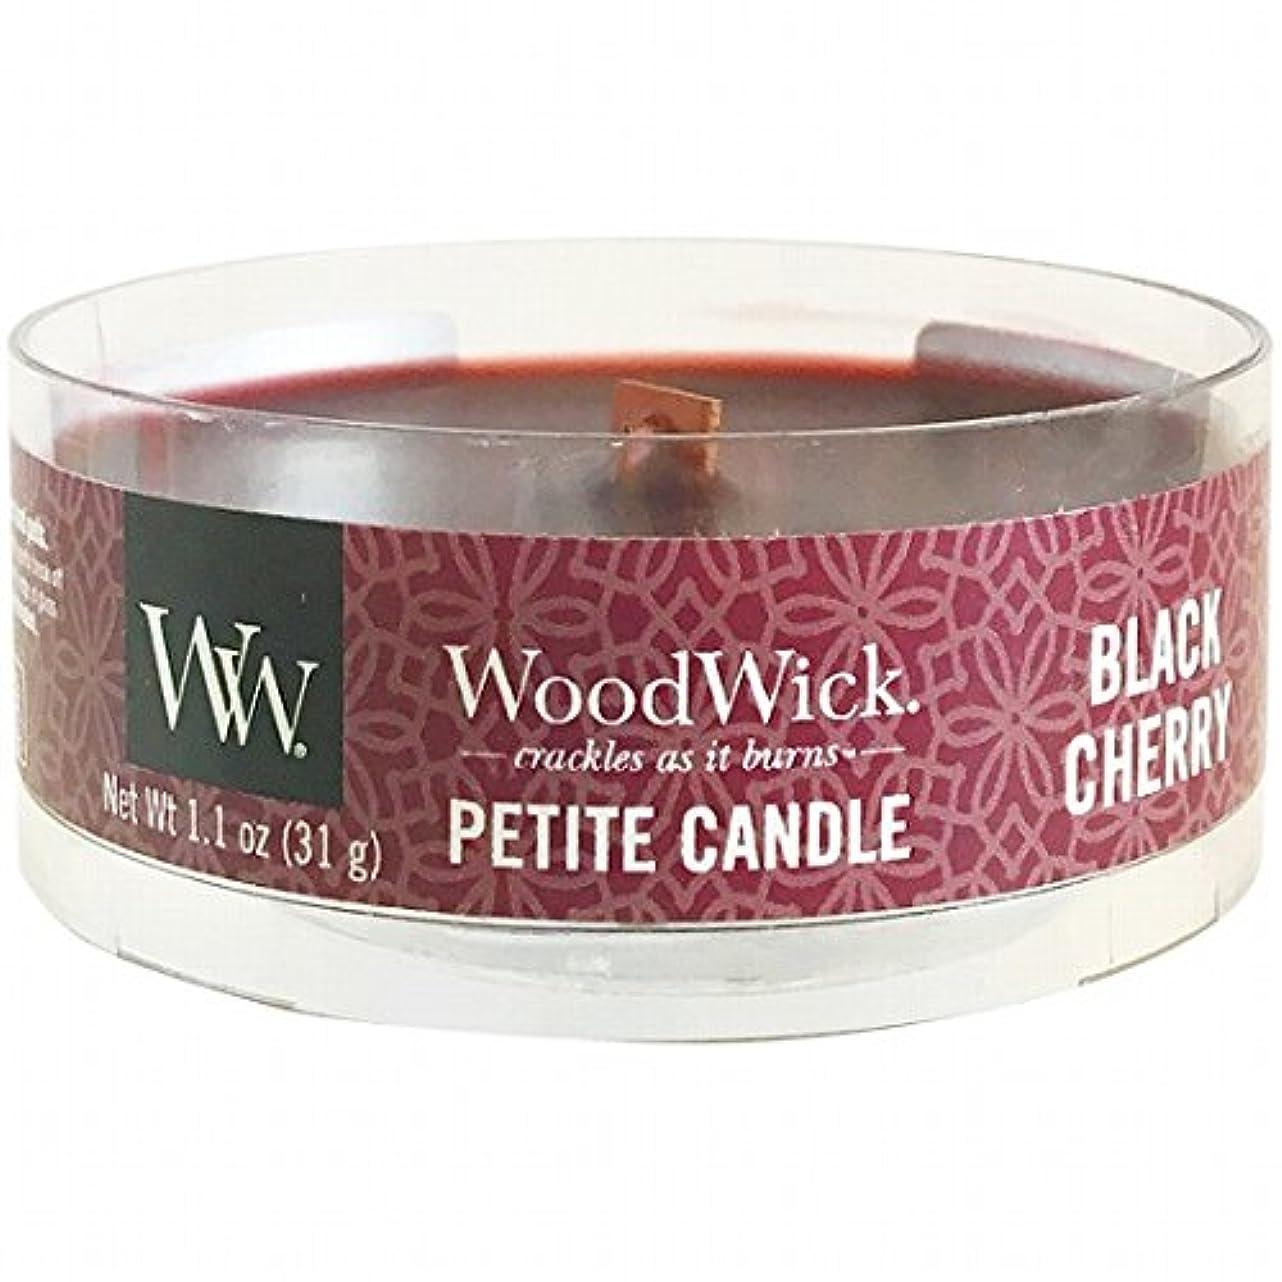 安全な抑止する休眠ウッドウィック( WoodWick ) プチキャンドル 「ブラックチェリー」